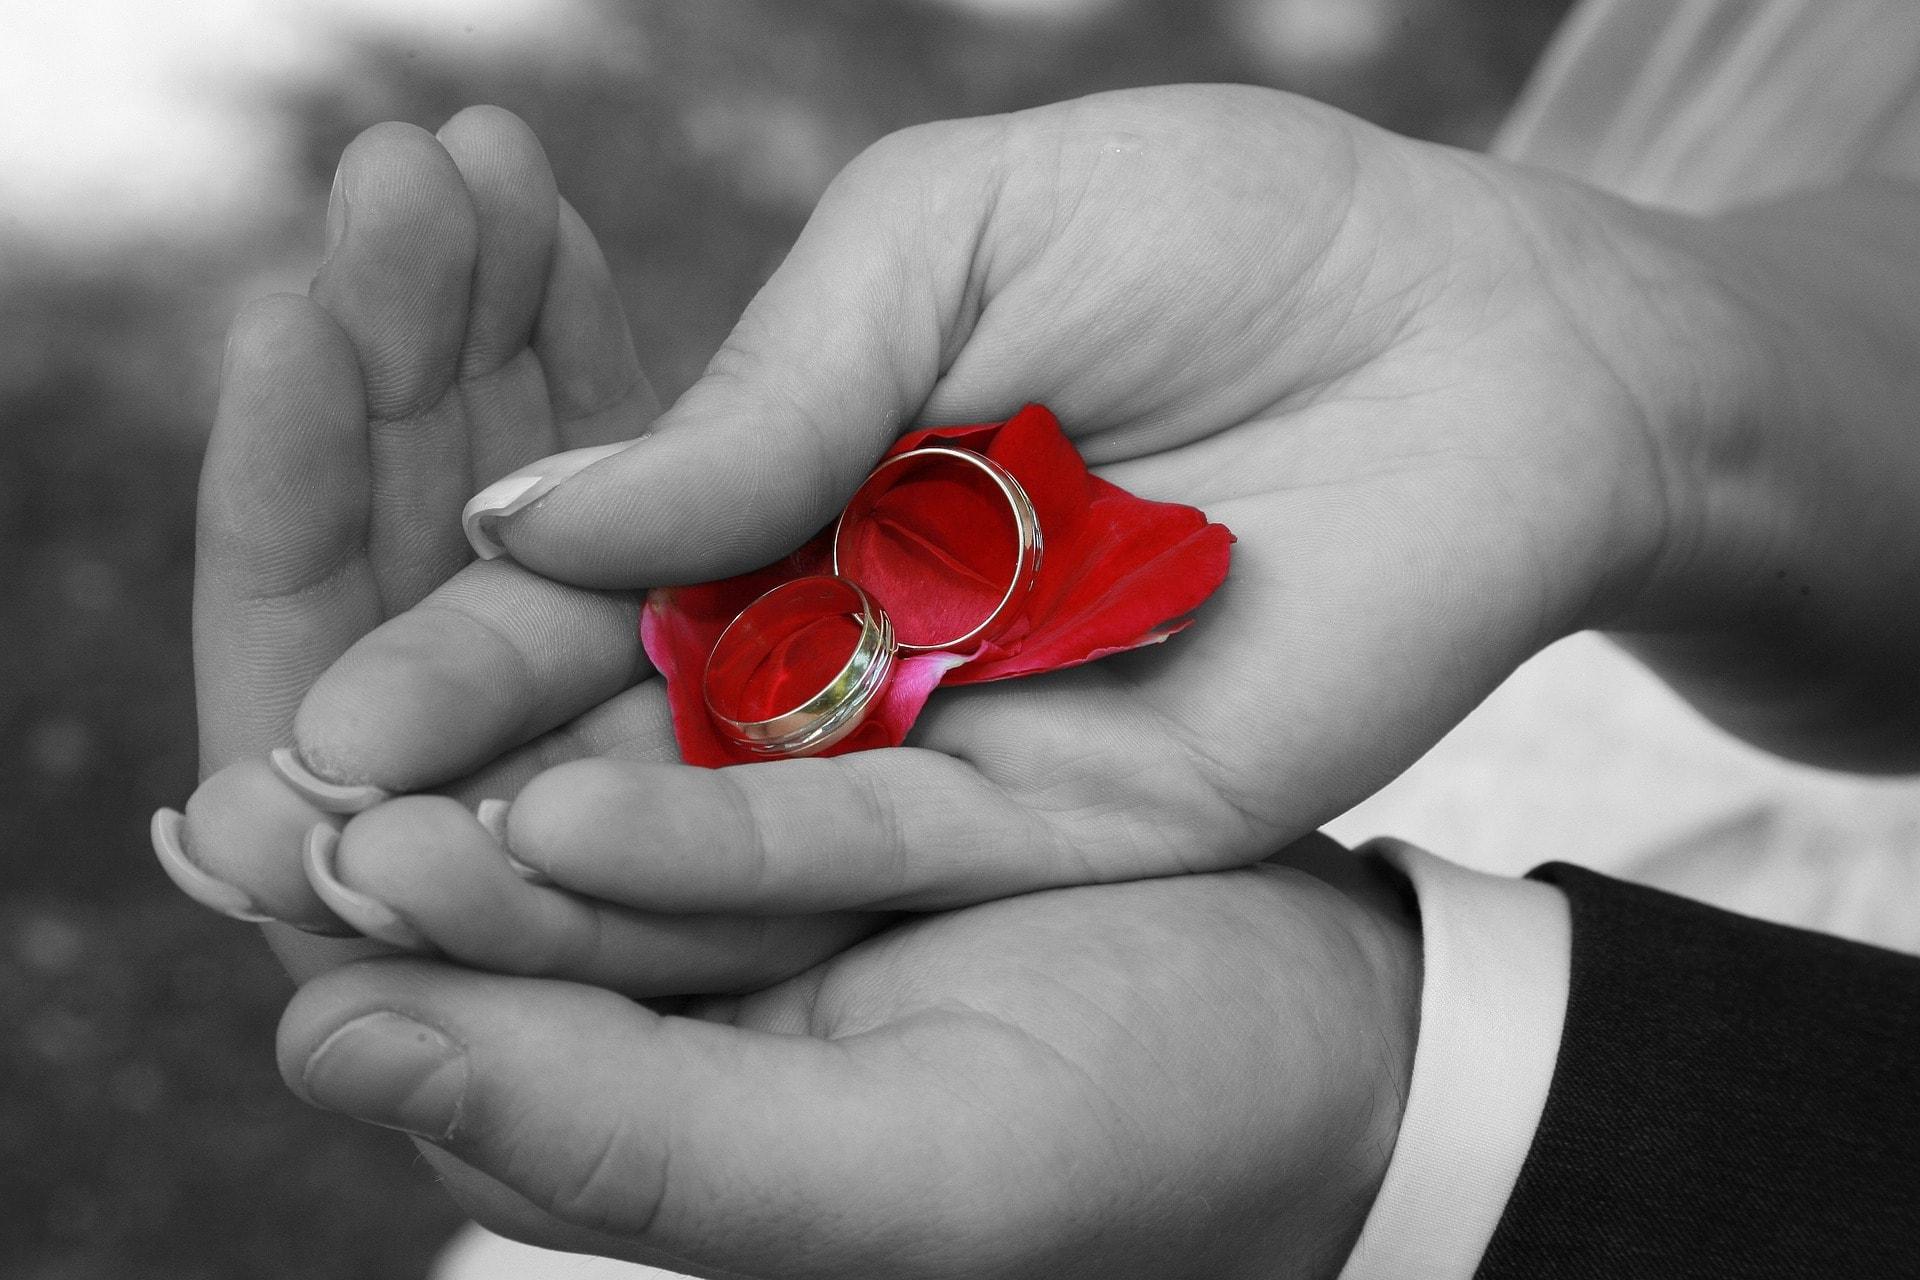 結婚指輪との付き合い方もカギ!?夫婦の愛を永遠に保つ秘訣のイメージ